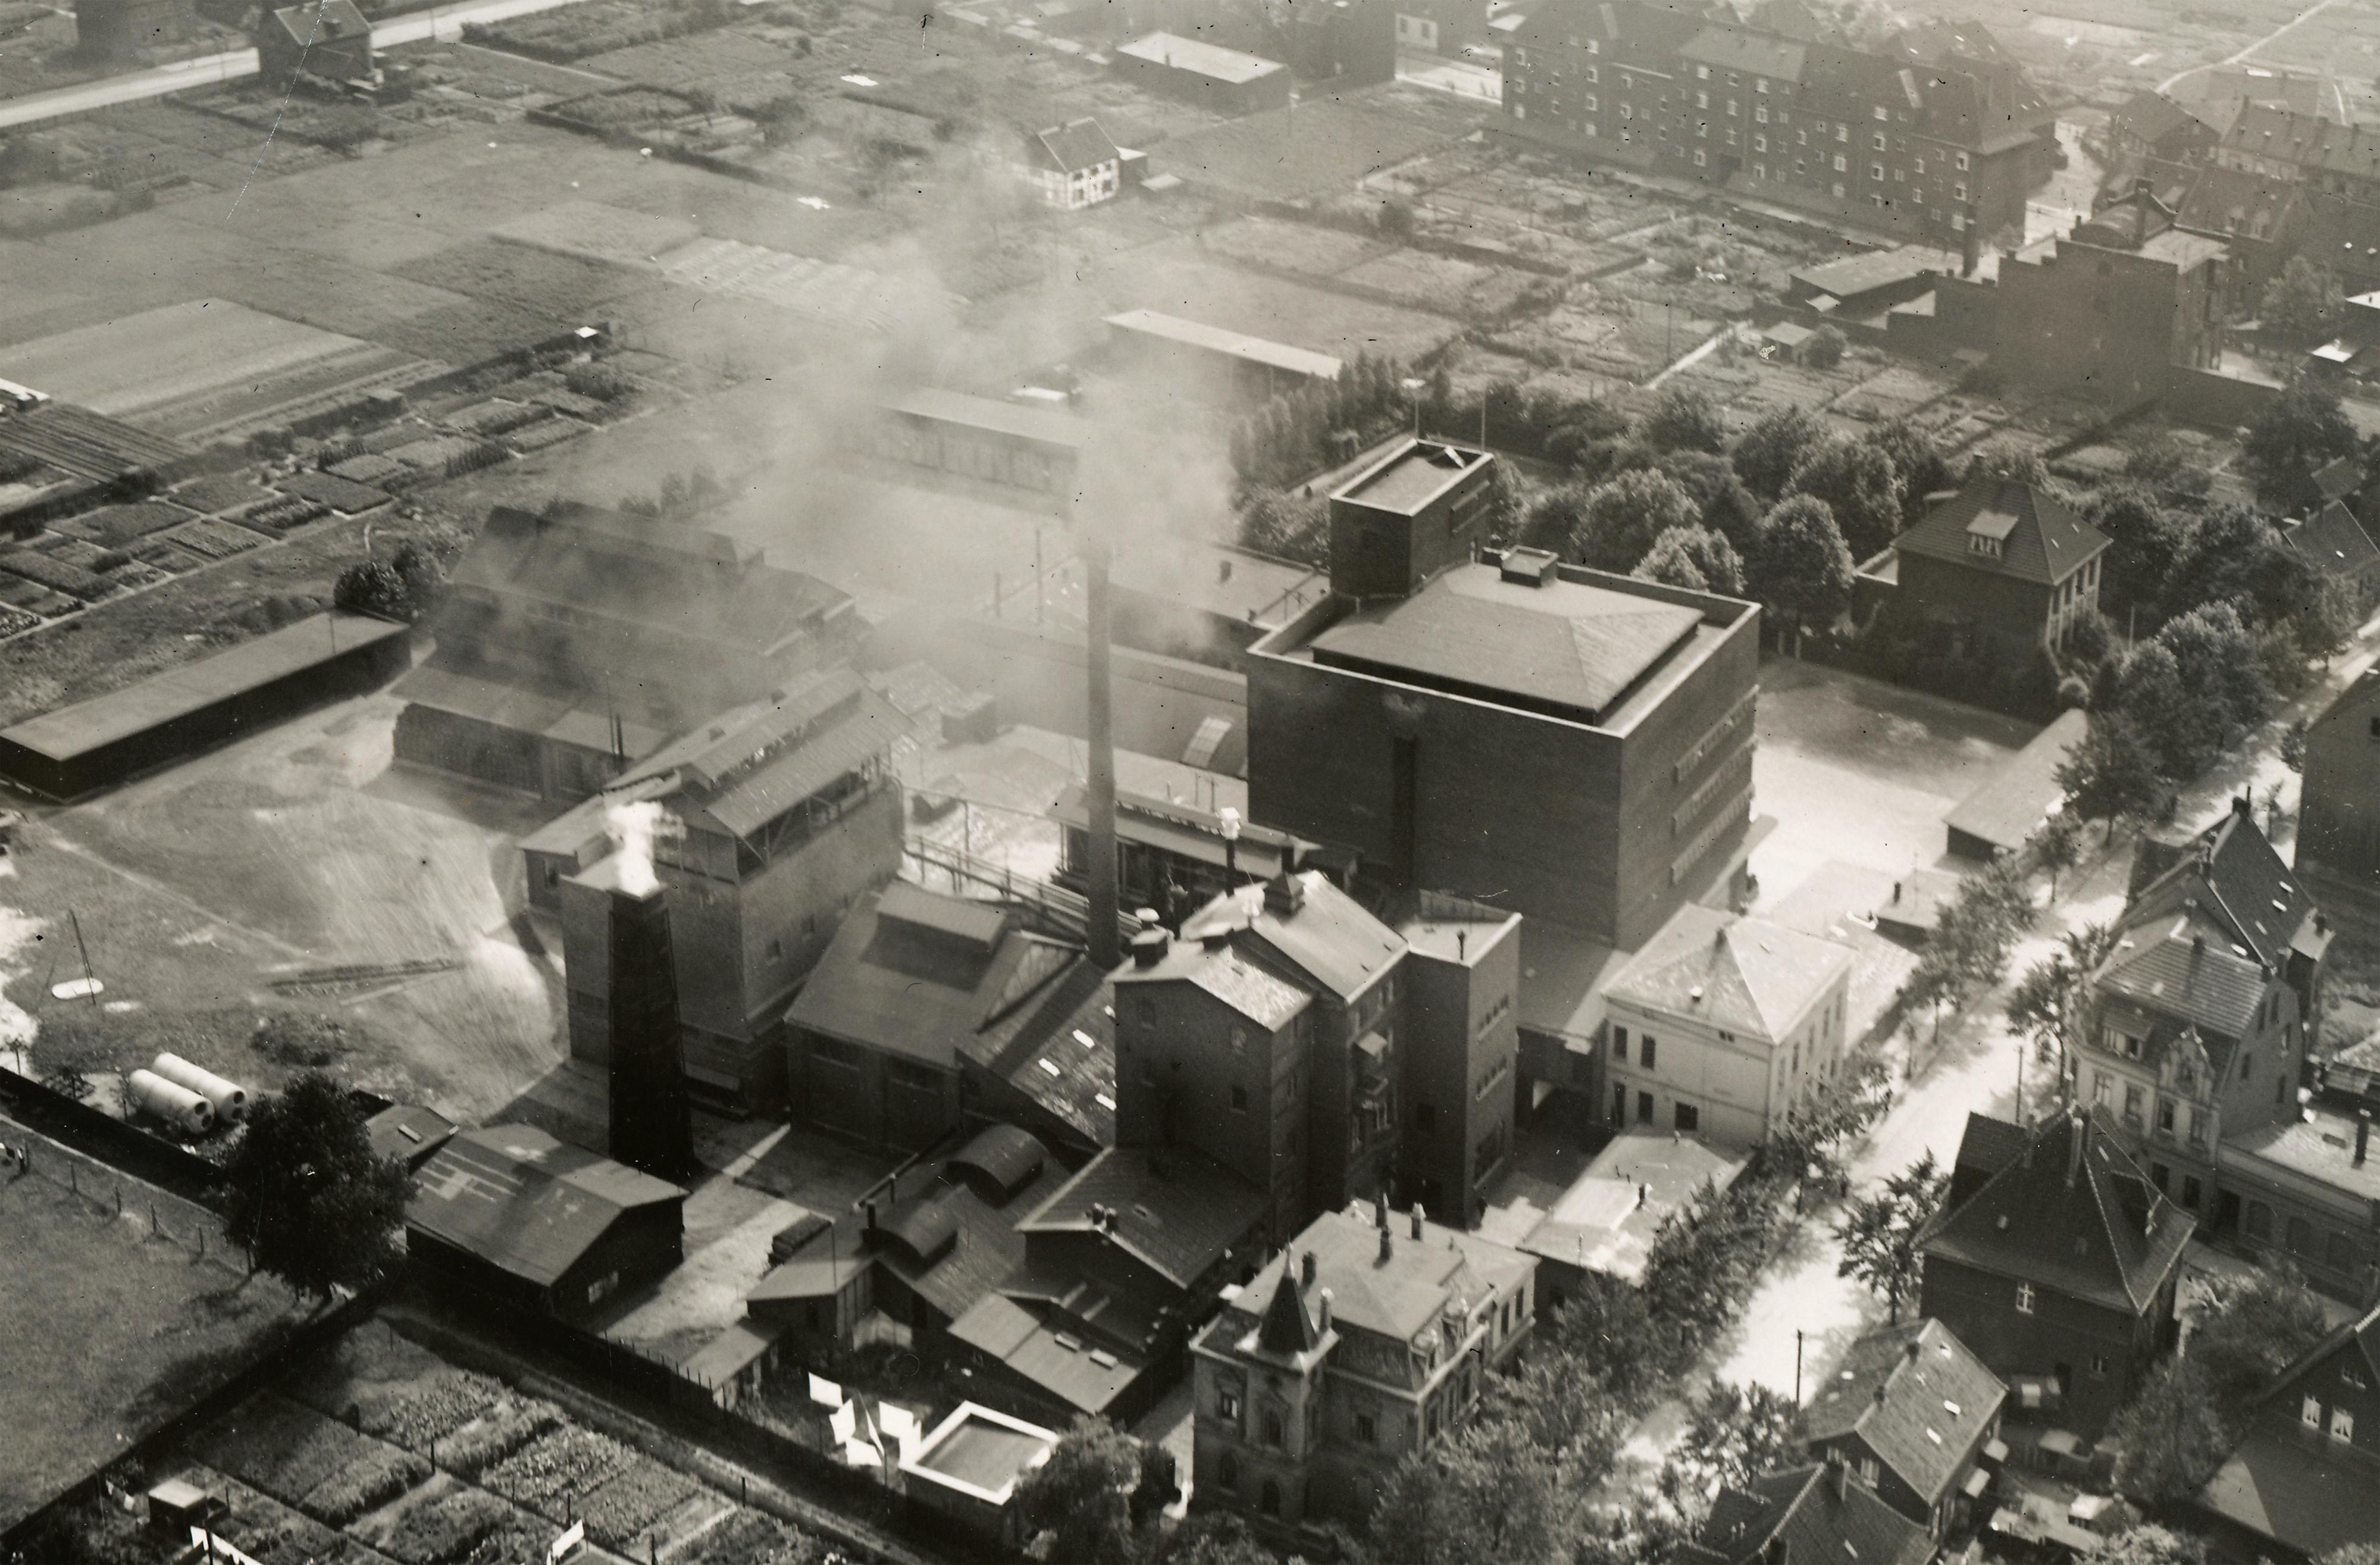 1867 wurde die Brauerei gegründet – seitdem hat das Grundstück in Altenessen zwei Weltkriege überstanden. Foto: Stauder